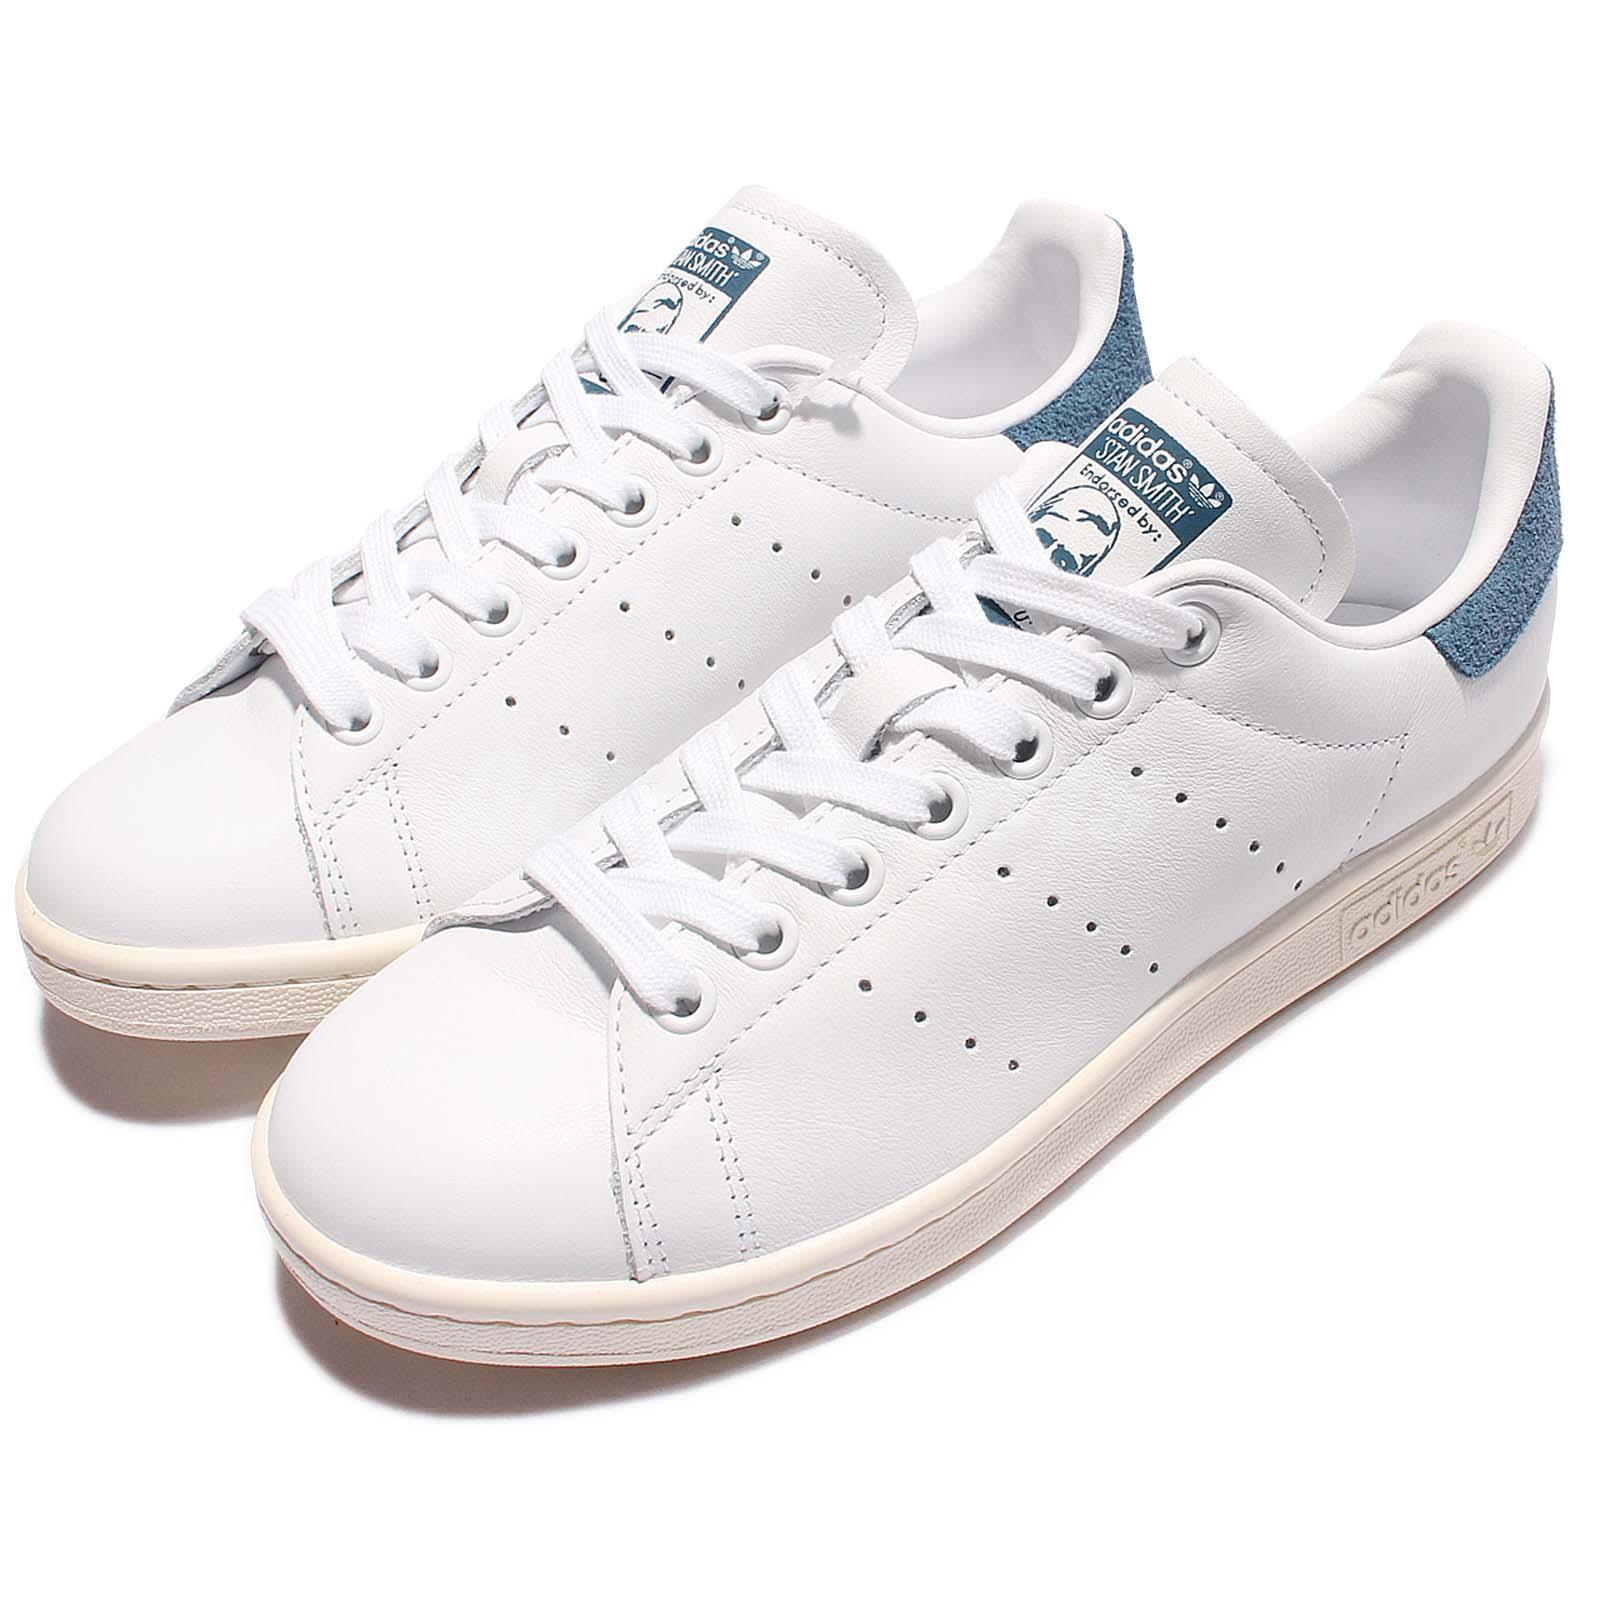 Adidas Stan Smith Shoes Women S White